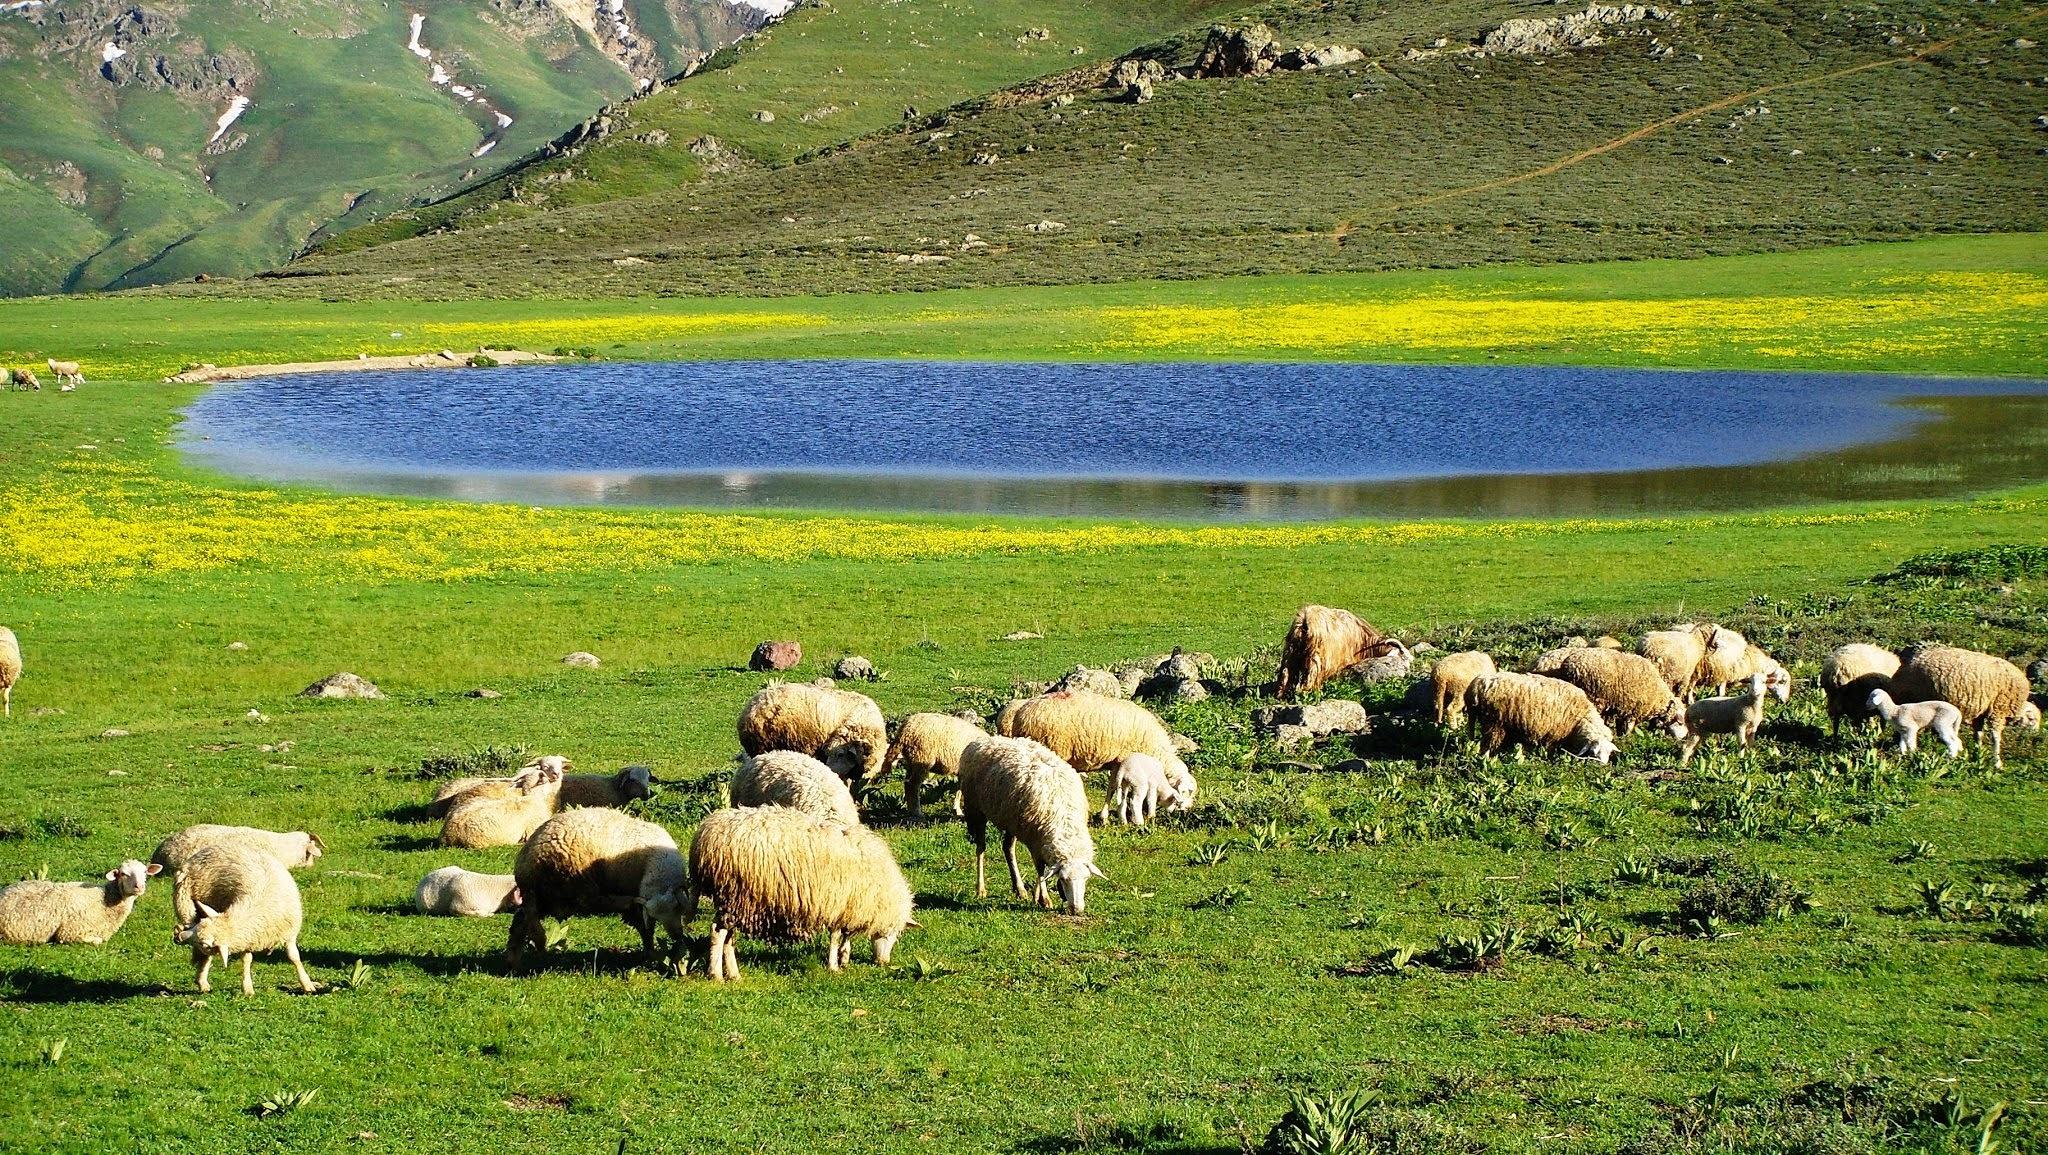 Emirdağları,Afyonkarahisar,TURKEY by Zekeriya